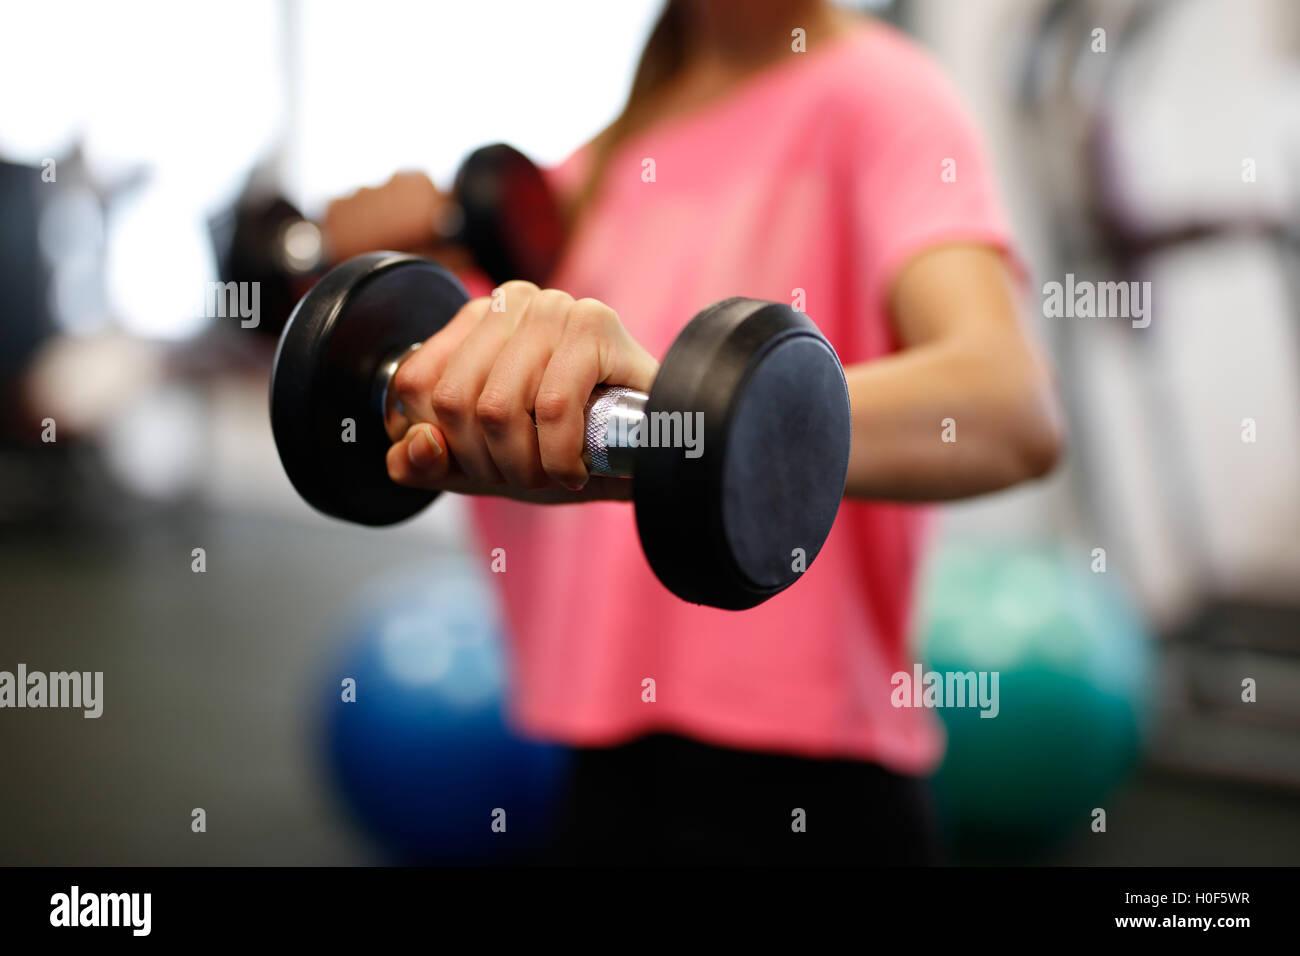 Donna al sport palestra fitness peso della formazione per la bellezza del corpo. Le ragazze di fitness con manubri. Immagini Stock